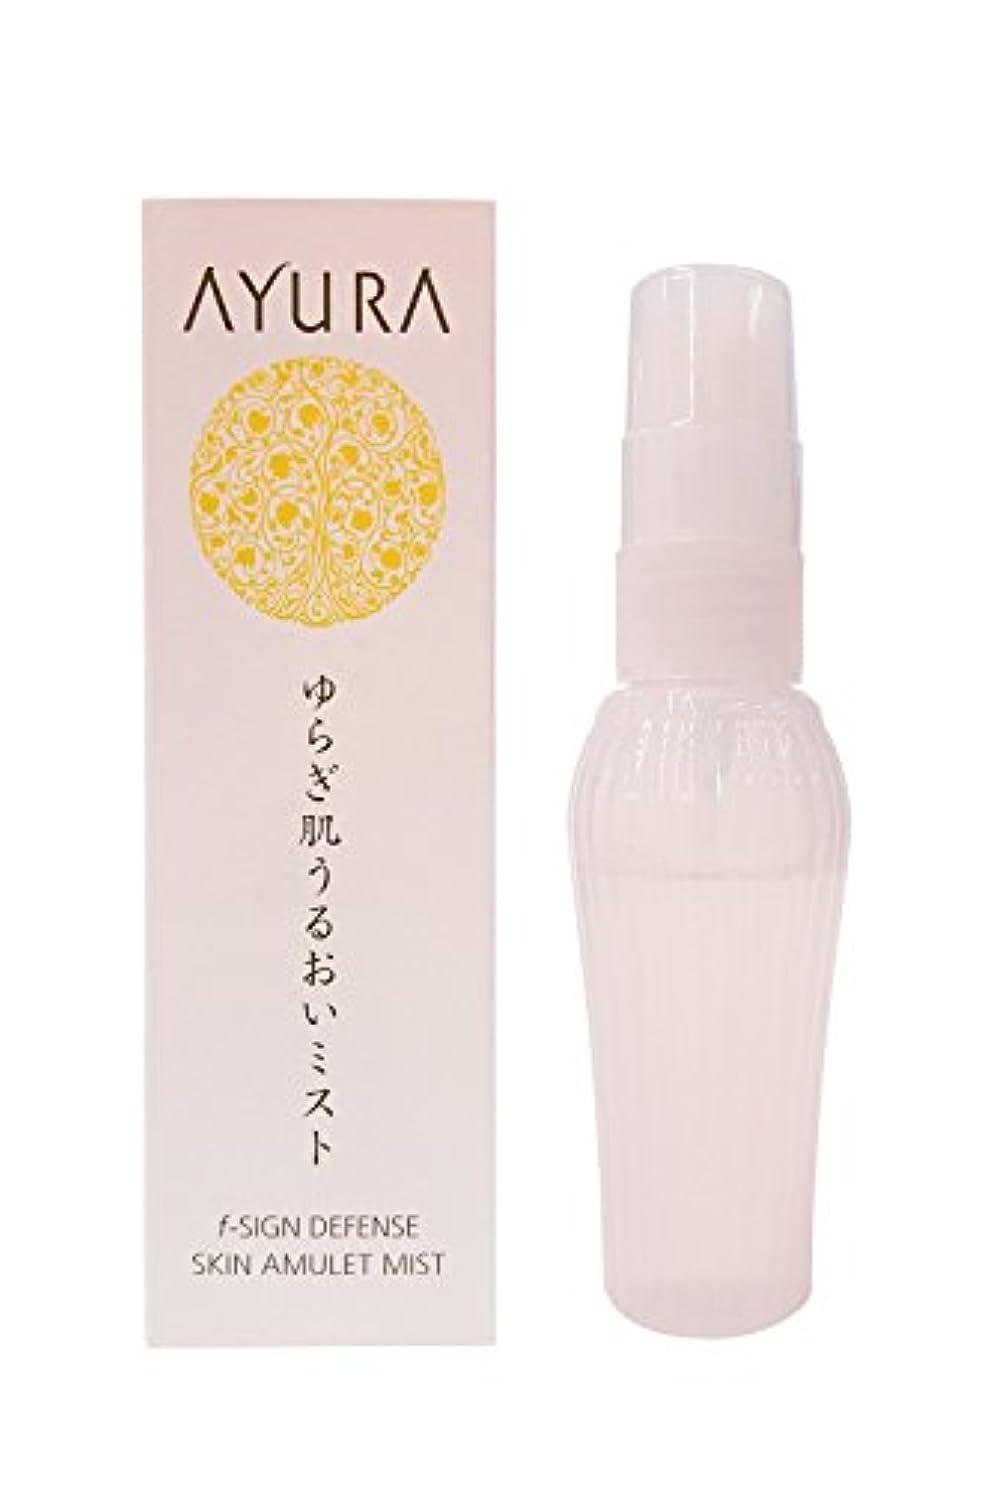 共役援助するフェードアユーラ (AYURA) fサインディフェンス スキンアミュレットミスト 50mL 〈敏感肌用 化粧水〉 うるおい 保湿 ミスト